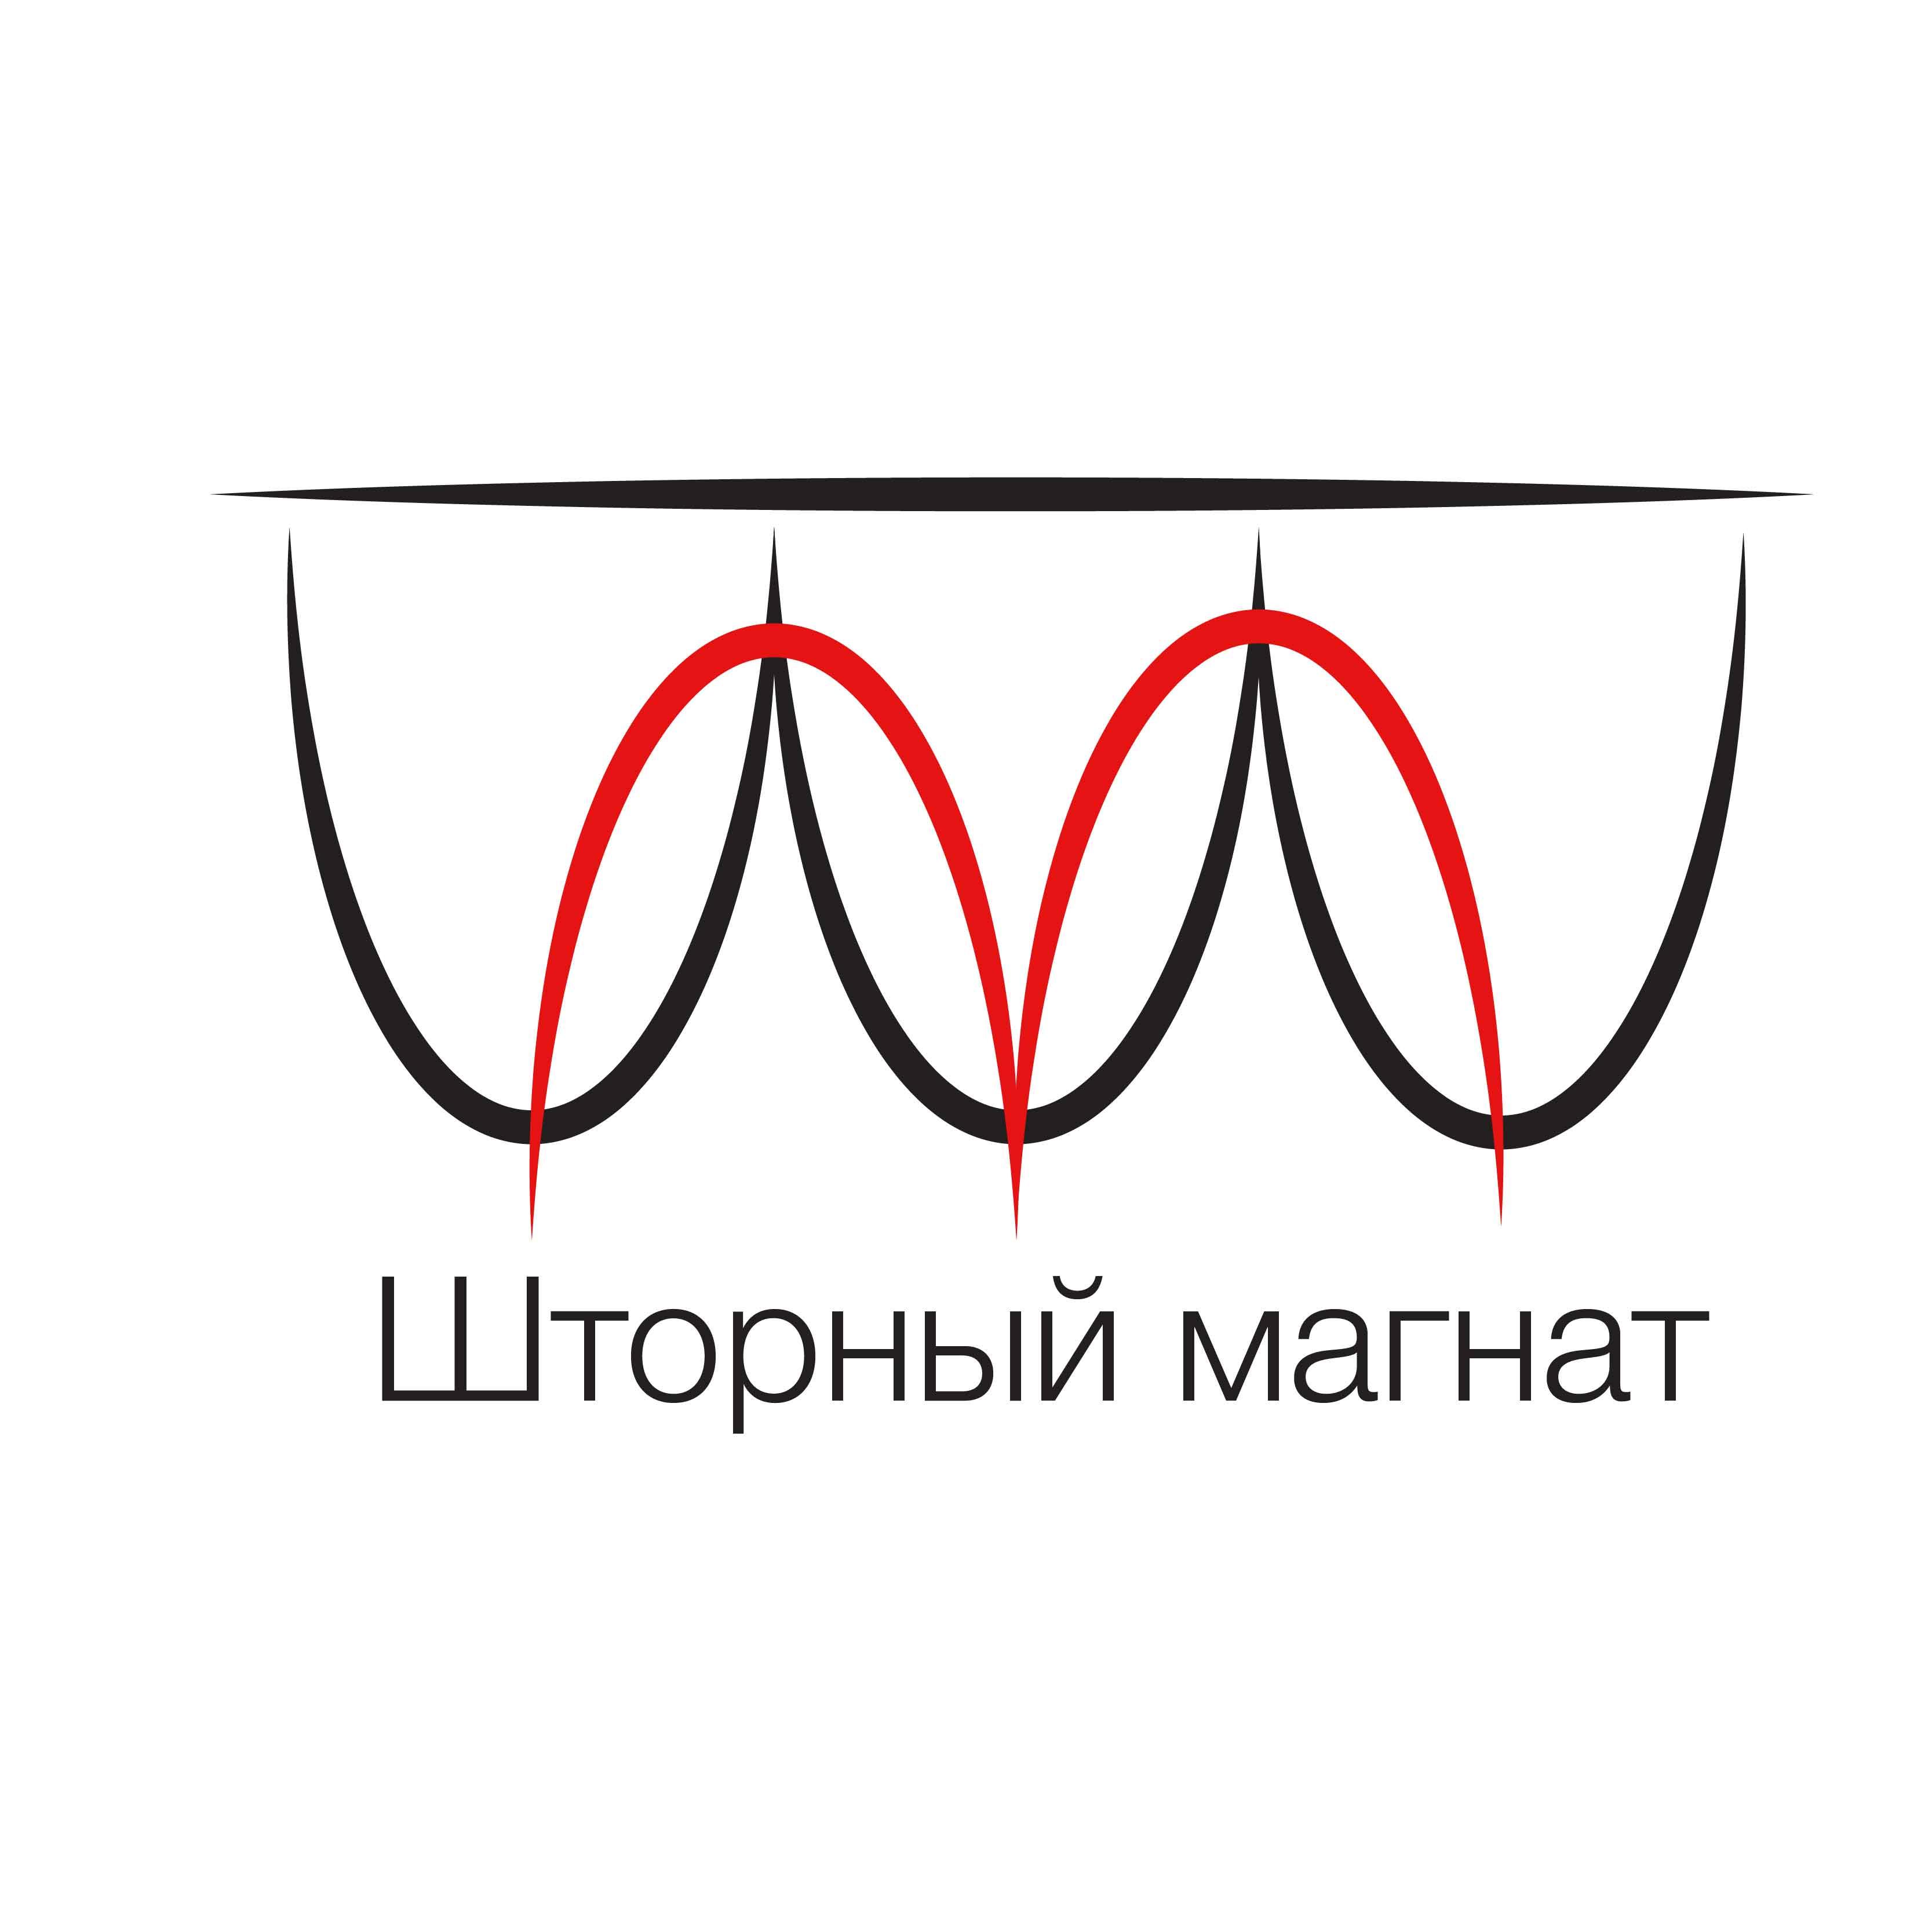 Логотип и фирменный стиль для магазина тканей. фото f_8185cdc121ac9ce2.jpg